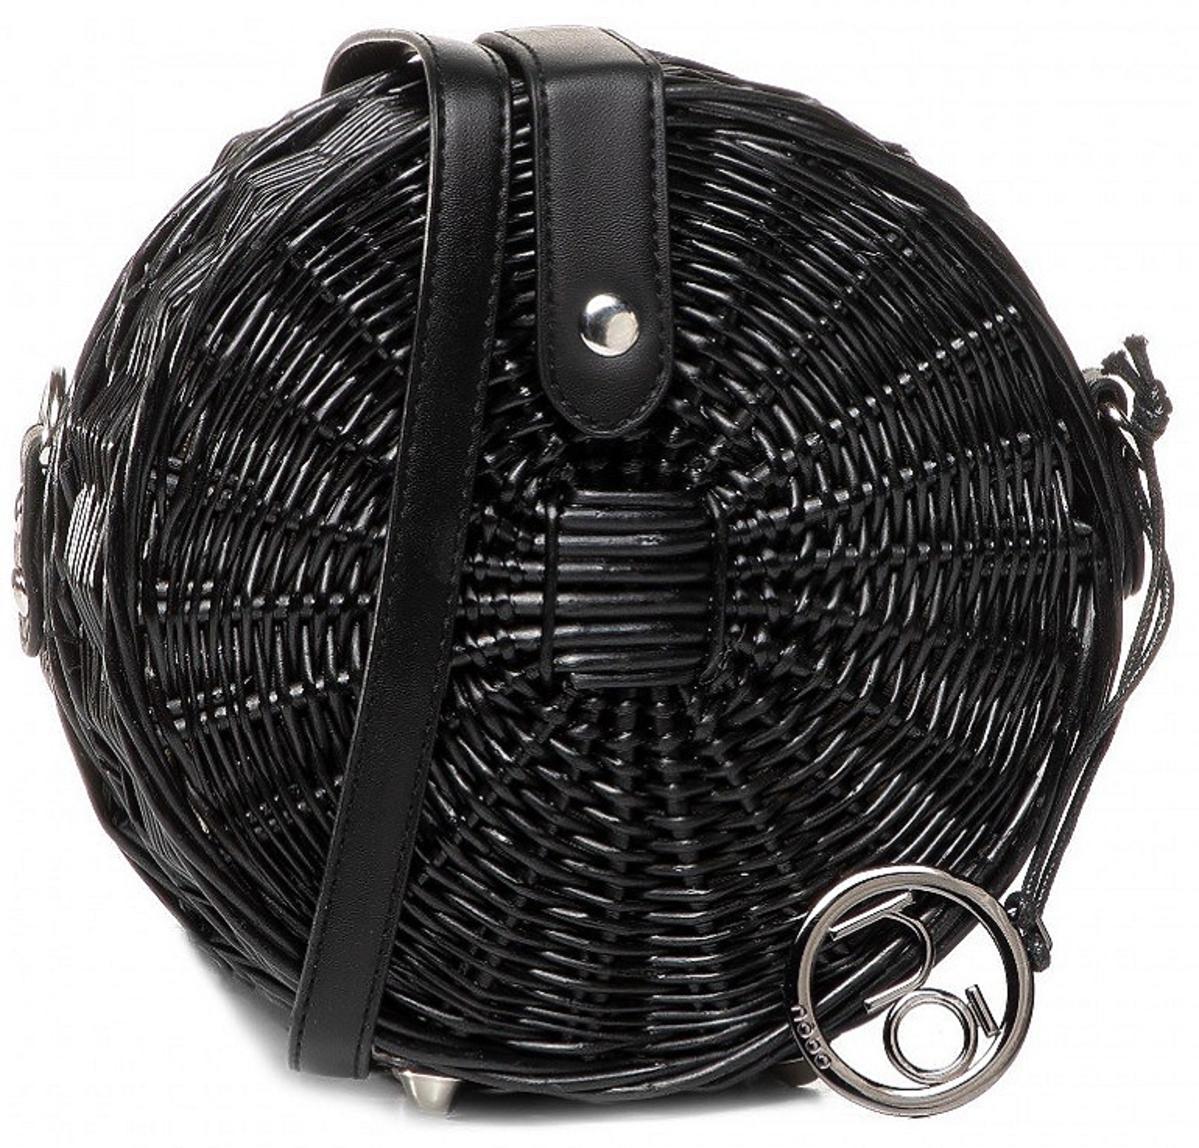 czarna, okrągła torebka z wikliny